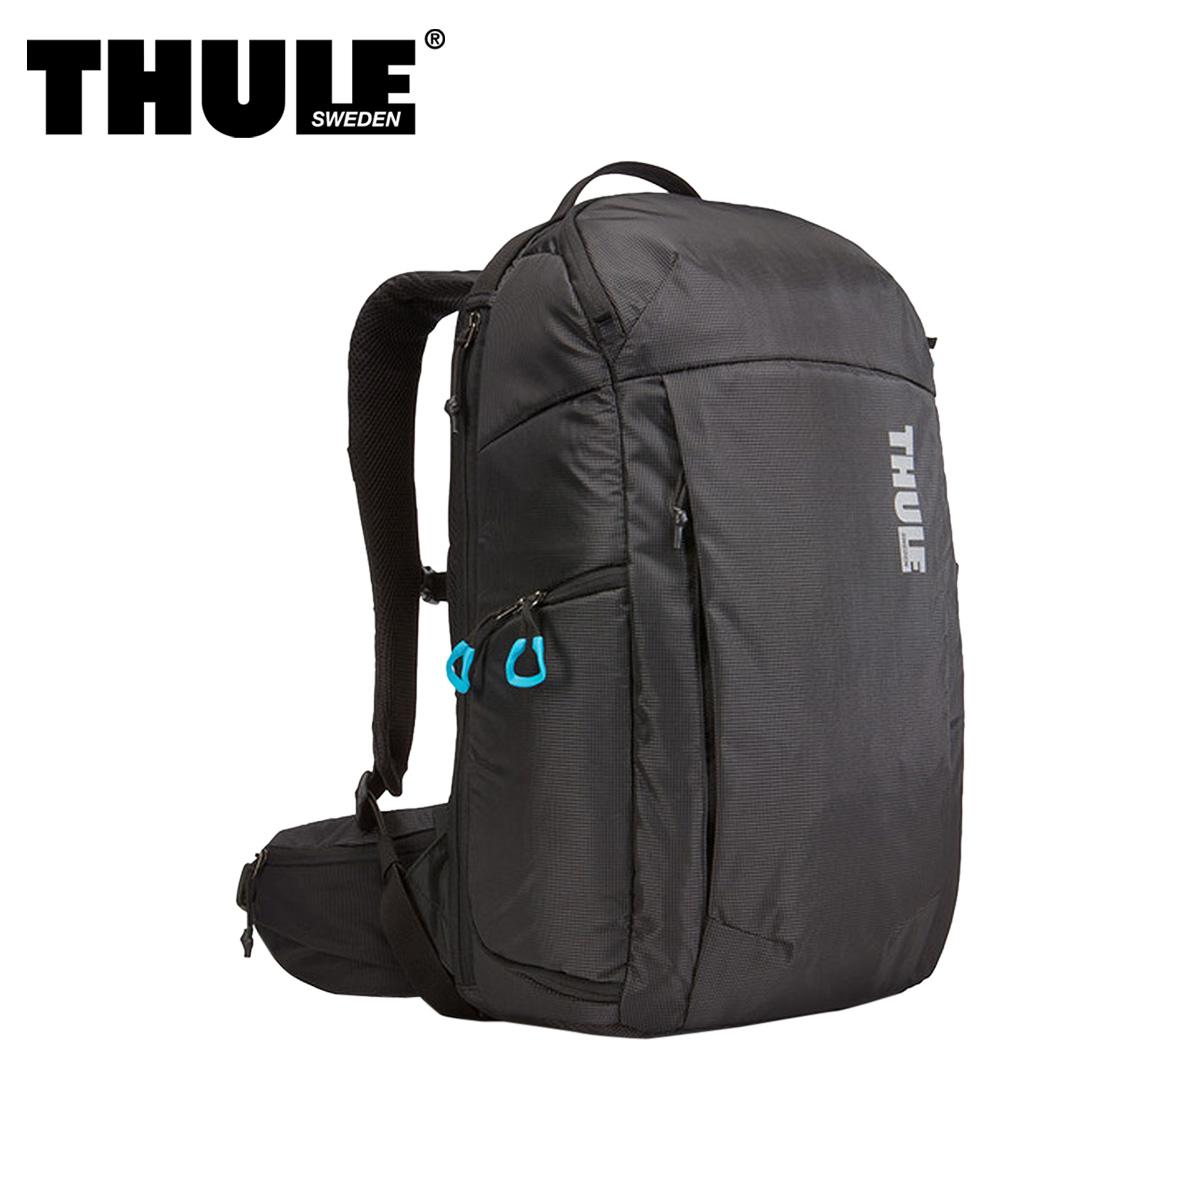 【送料無料】 【あす楽対応】 スーリー THULE アスペクト カメラバッグ バックパック カバン 鞄 【最大2000円OFFクーポン】 スーリー THULE リュック バッグ バックパック アスペクト メンズ レディース ASPECT DSLR BACKPACK ブラック 黒 3203410